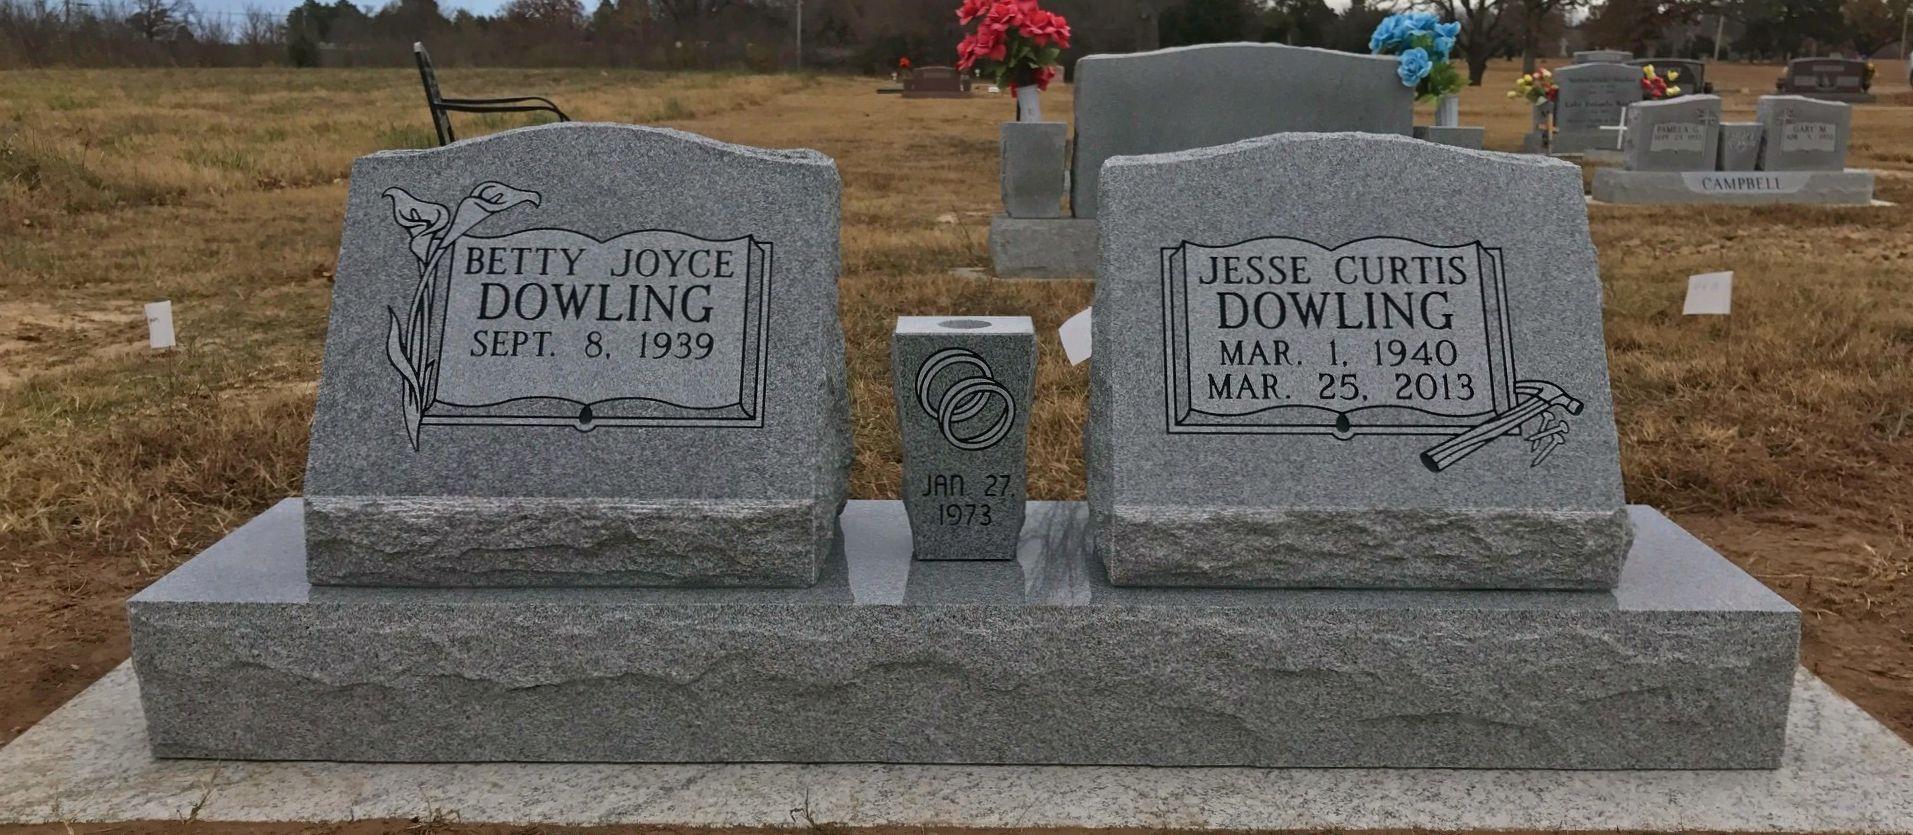 Dowling - Eufala.jpg